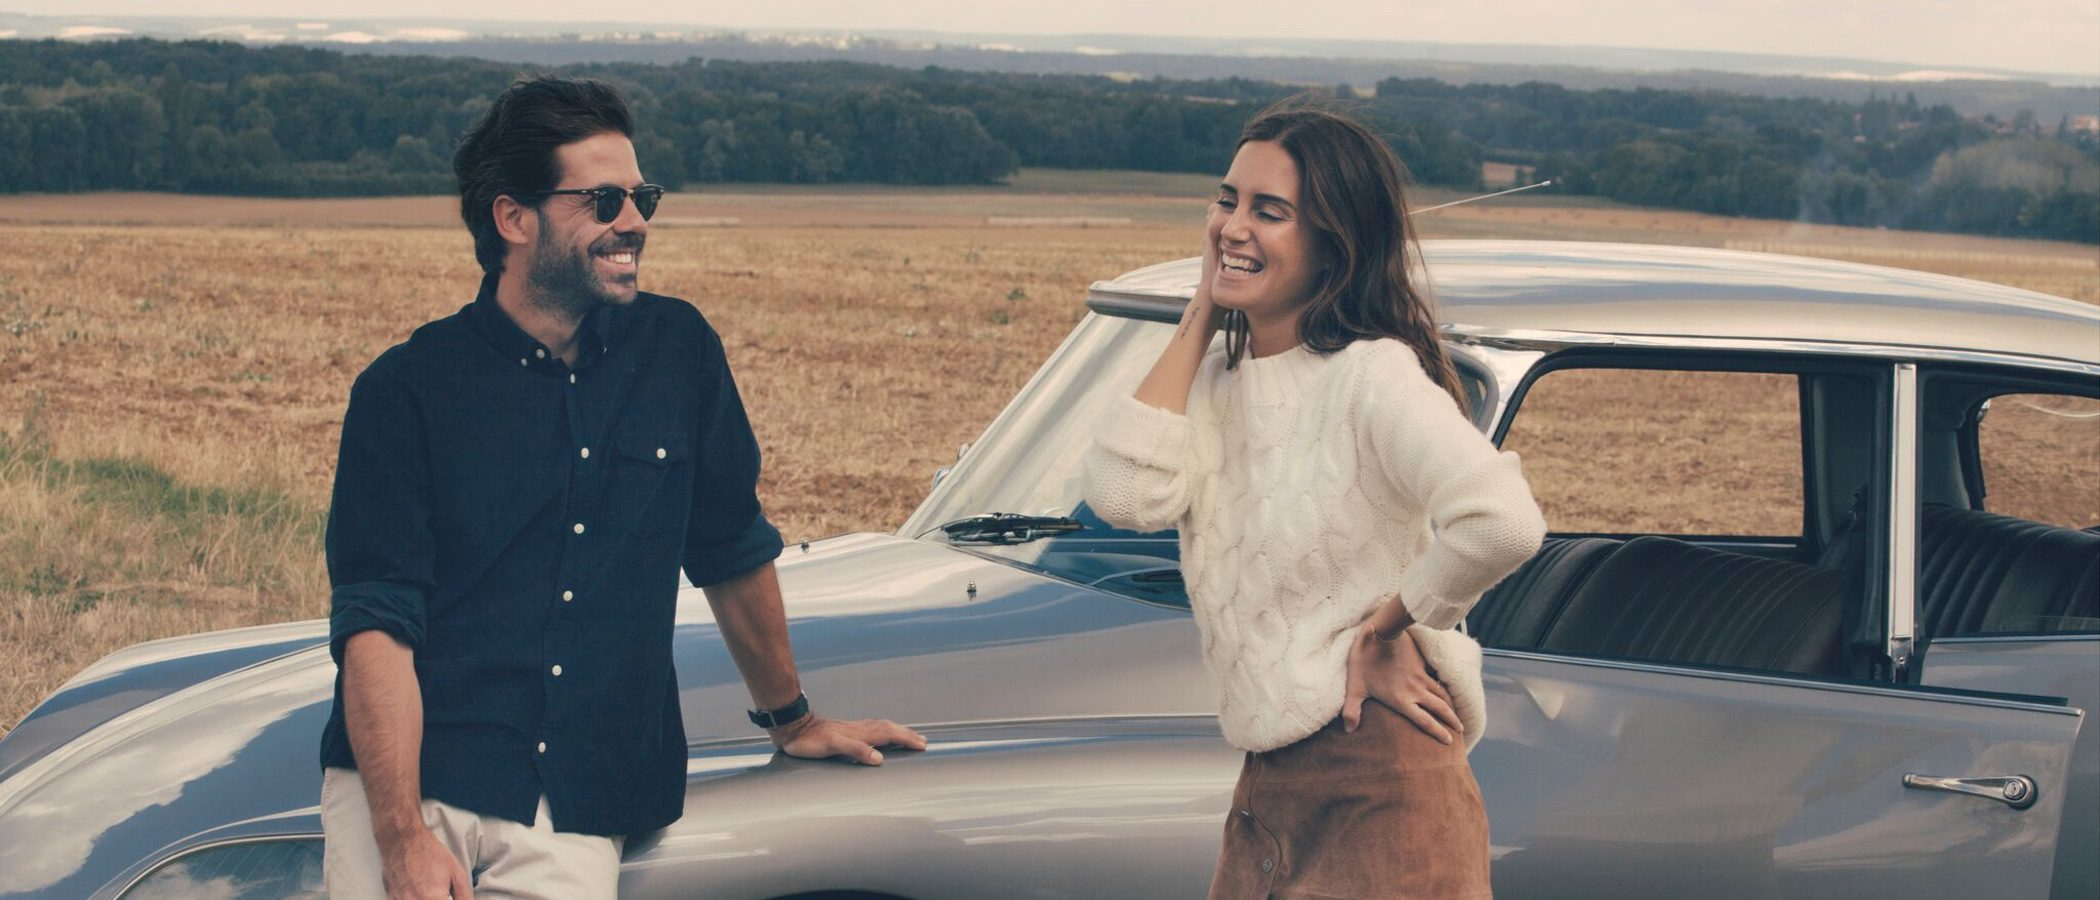 Gala González y Miguel Carrizo presentan lo último de Esprit para otoño/invierno 2016/2017